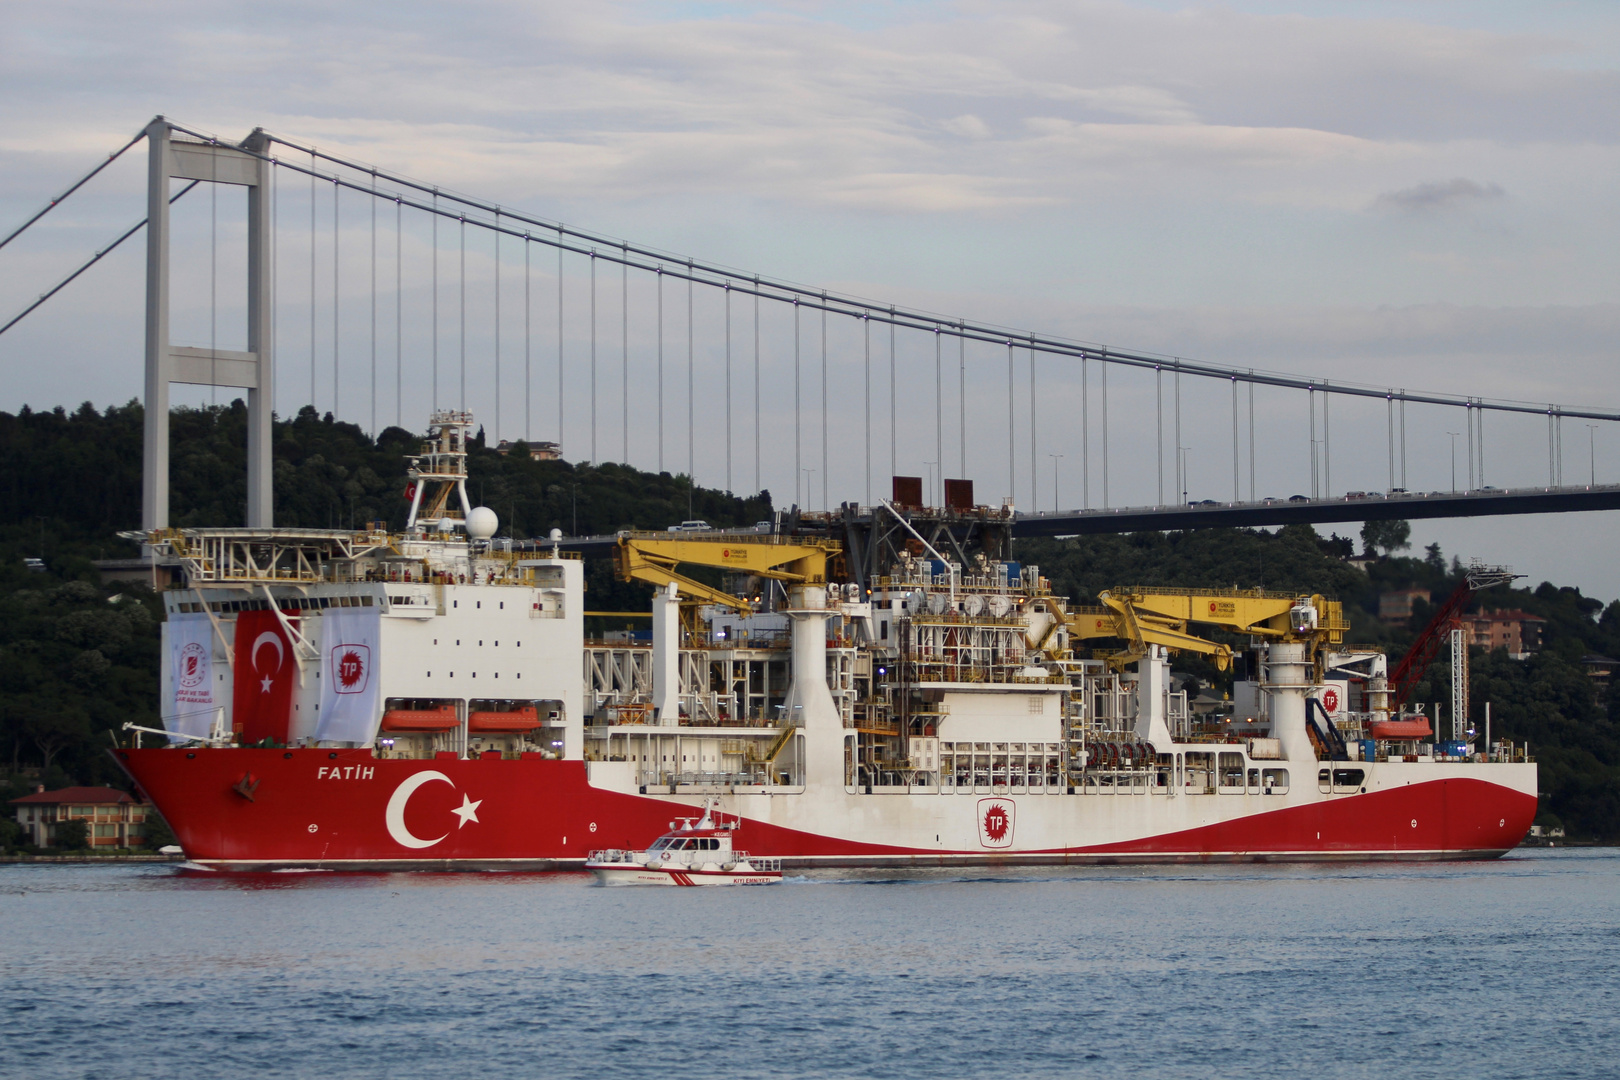 وزير الخارجية التركي: لم نتراجع في شرق المتوسط وسفينة